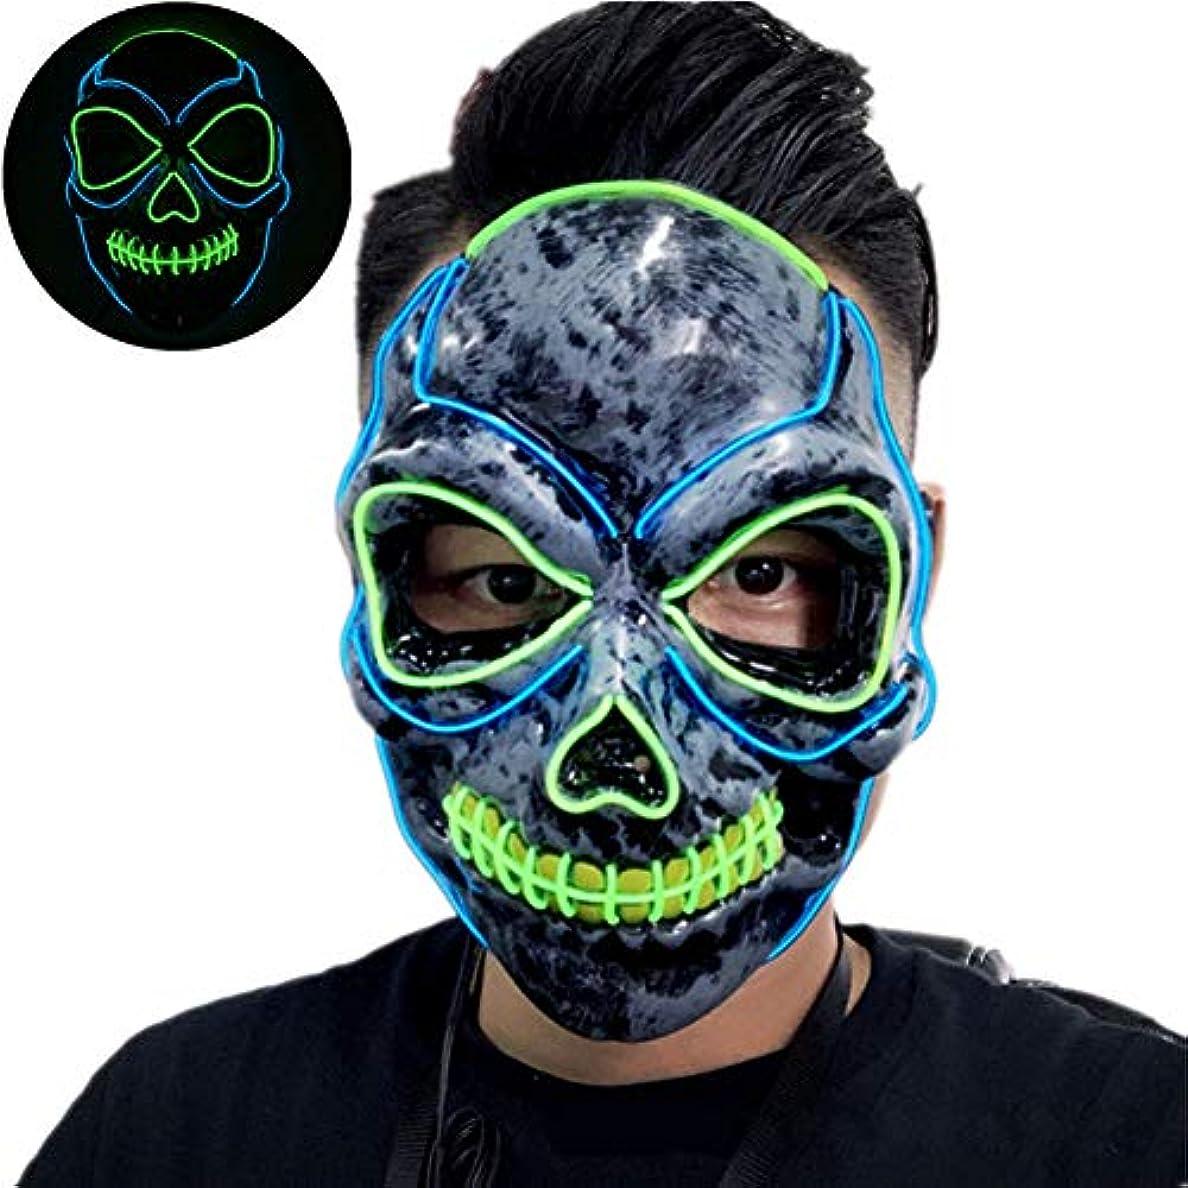 テレックス移行するクラウドハロウィーンマスク、しかめっ面、テーマパーティー、カーニバル、ハロウィーン、レイブパーティー、クリスマスなどに適しています。